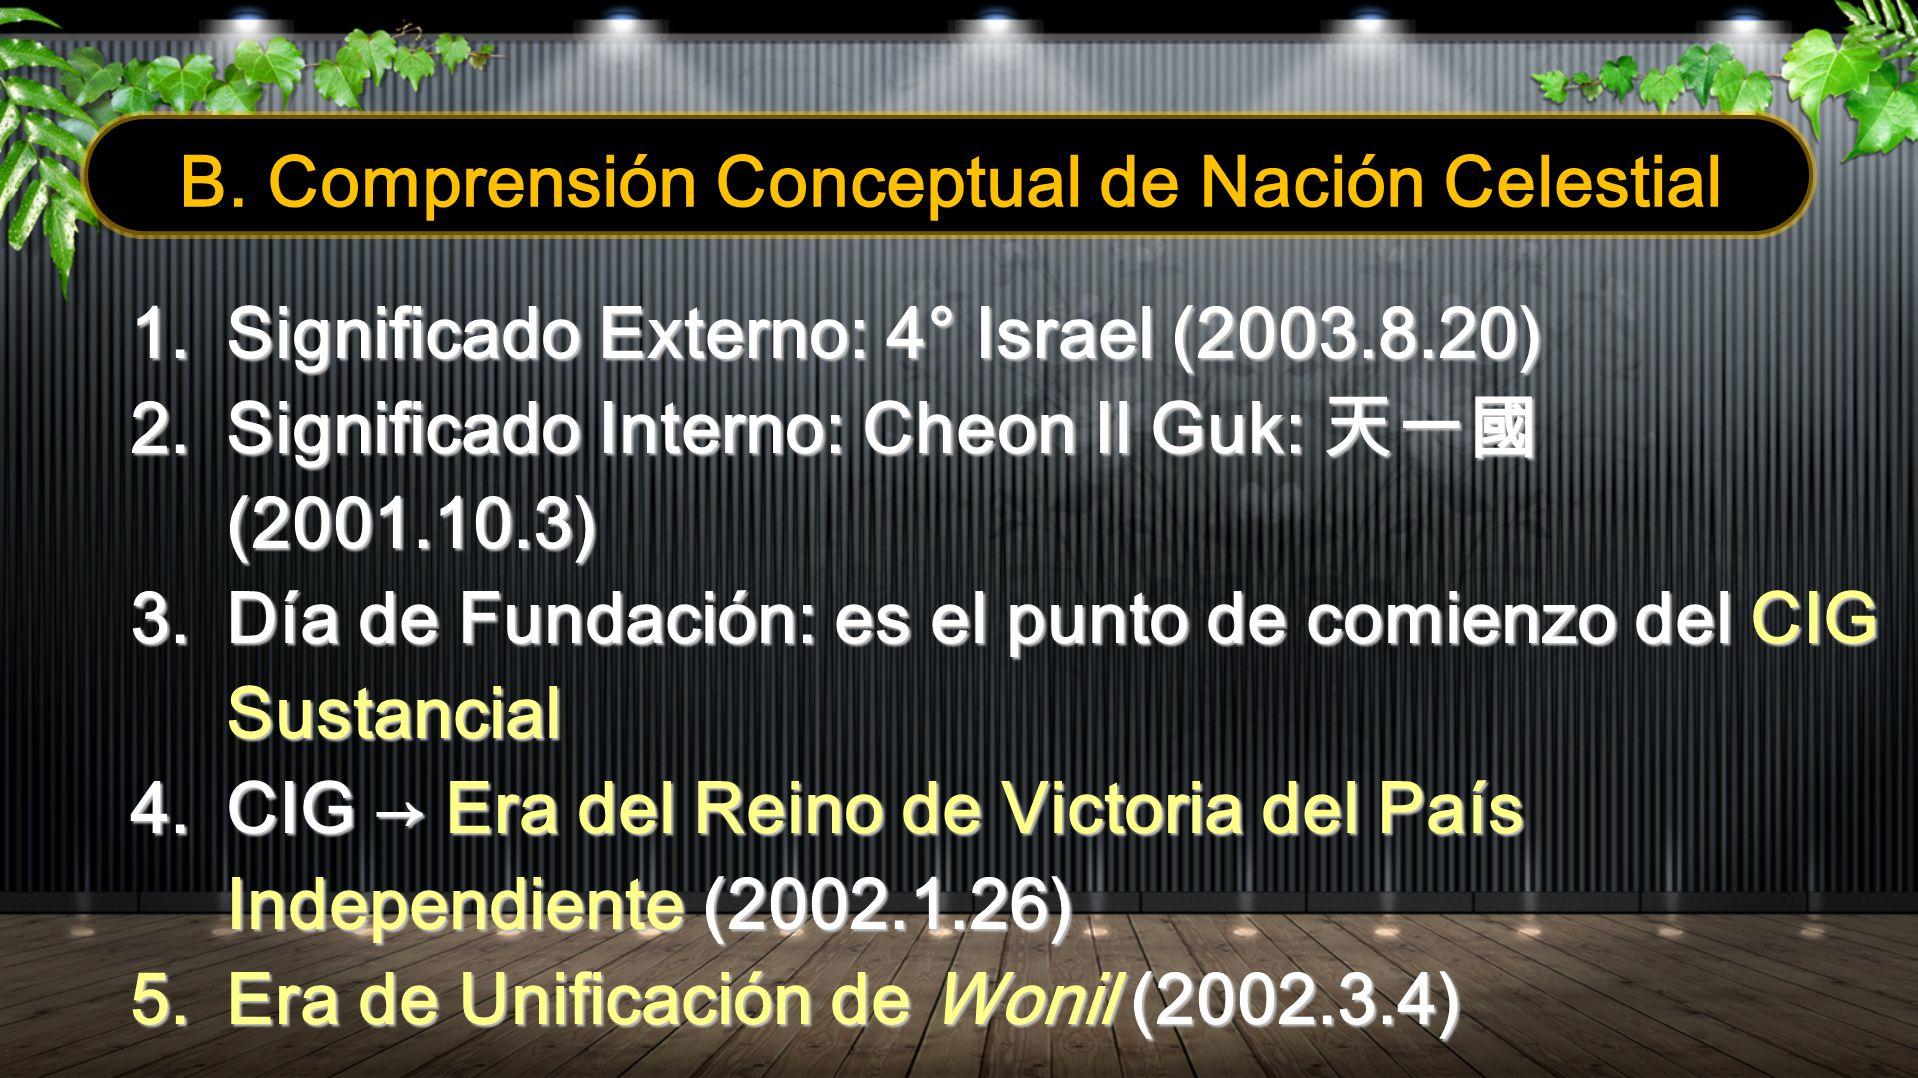 B. Comprensión Conceptual de Nación Celestial